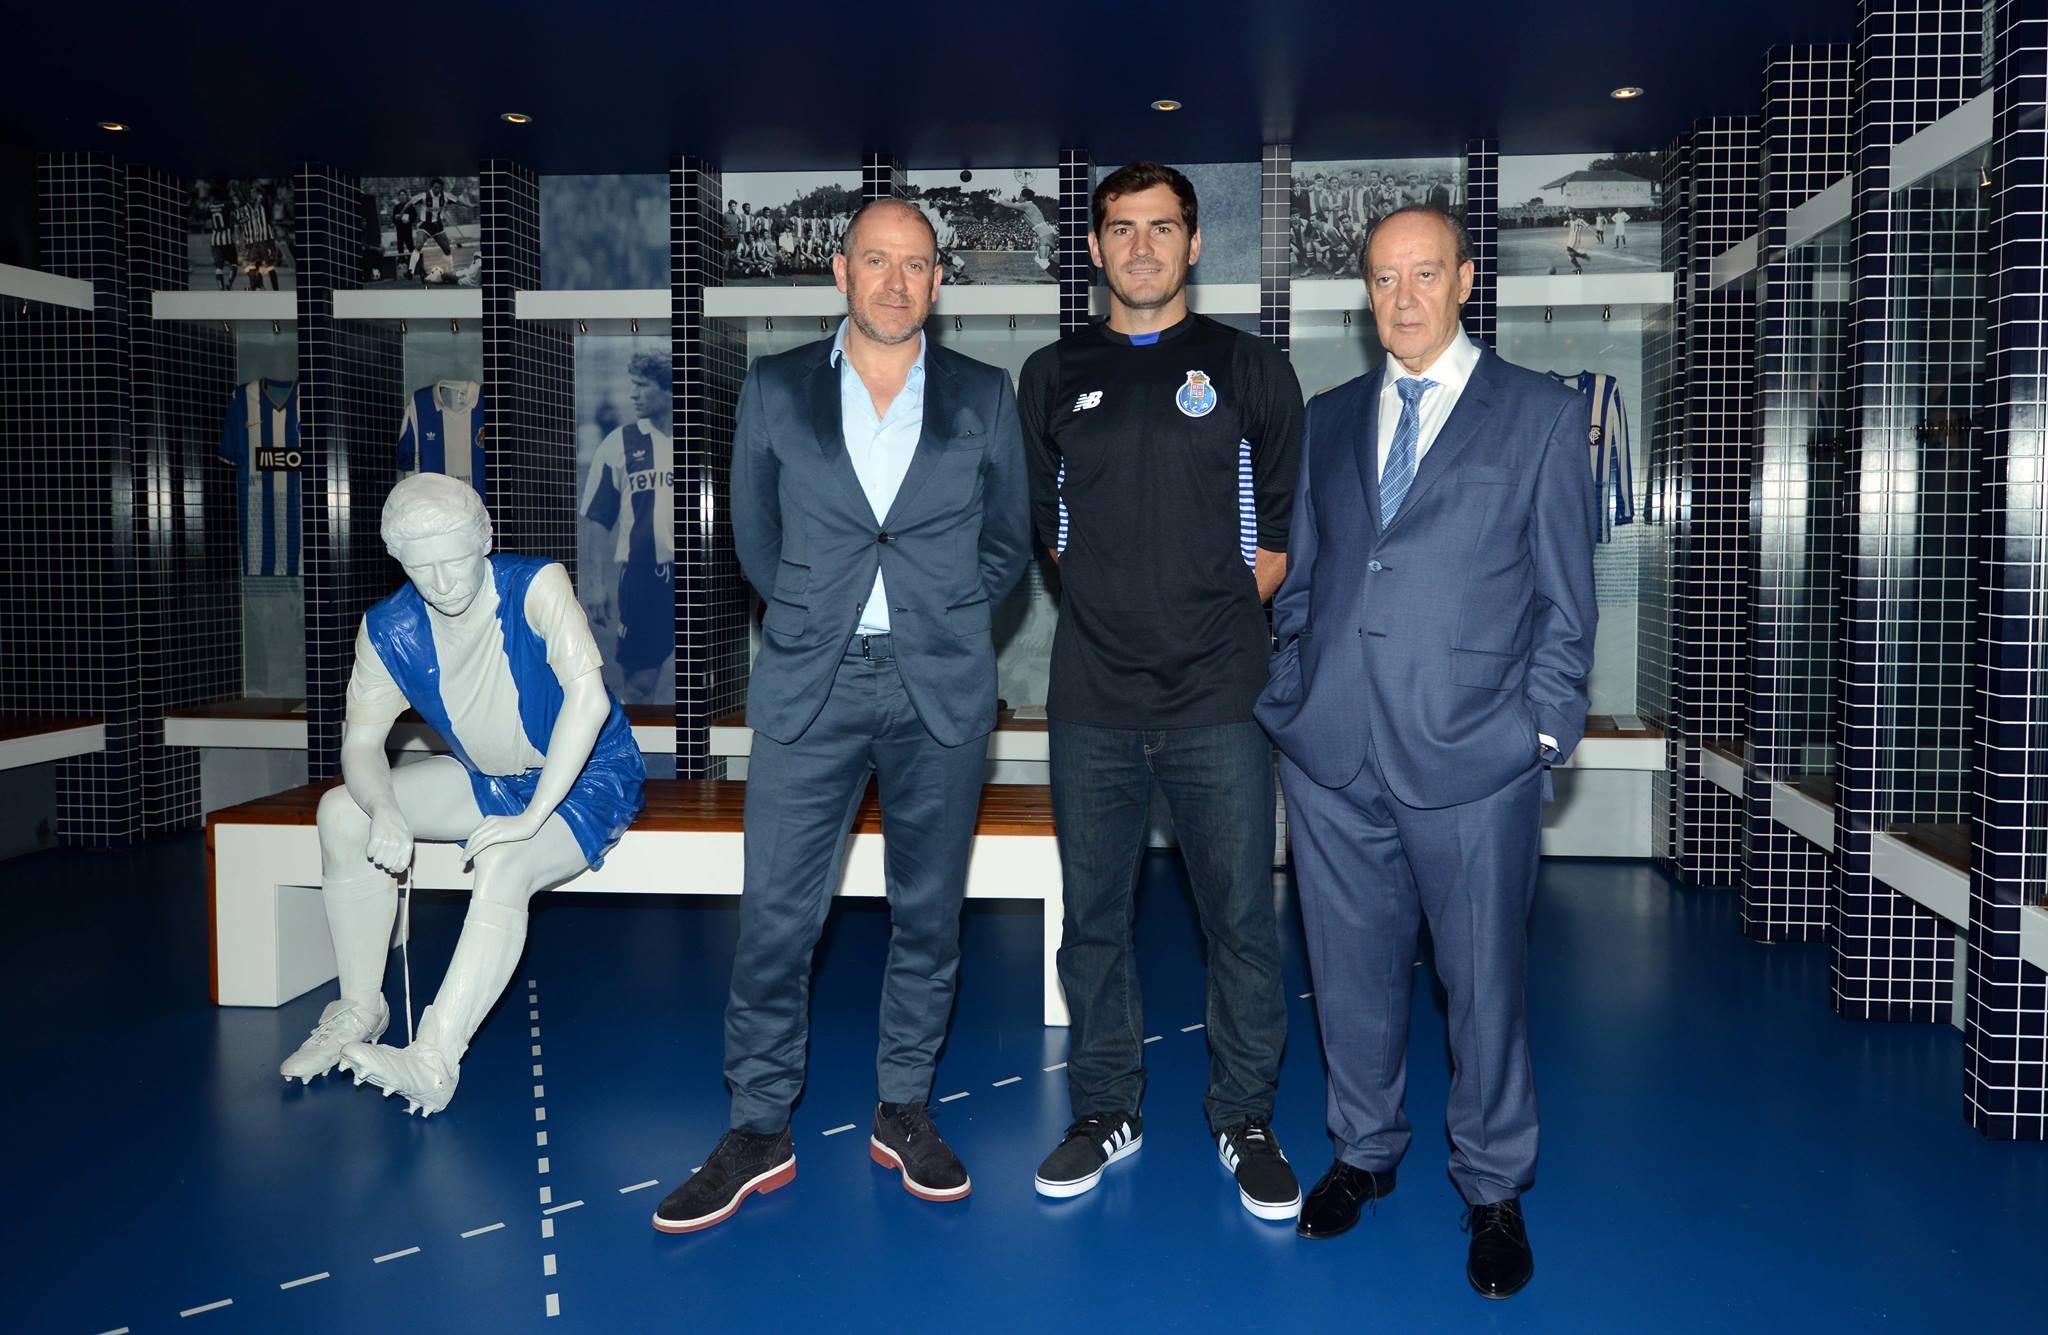 Casillas surpreendeu ao ir para o Porto (Foto: Reprodução)